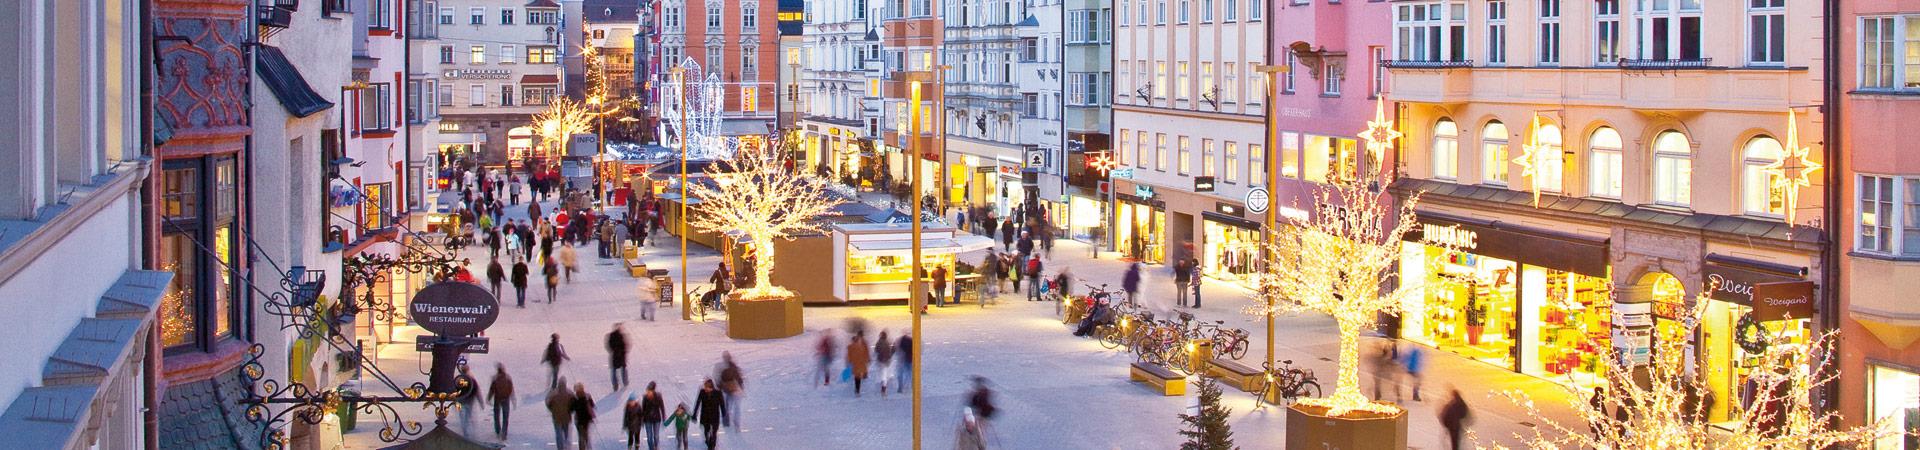 Nicht nur von oben, sondern auch mittendrin hat Shopping und Weihnachten in Innsbruck Stil, Flair und Atmosphäre.